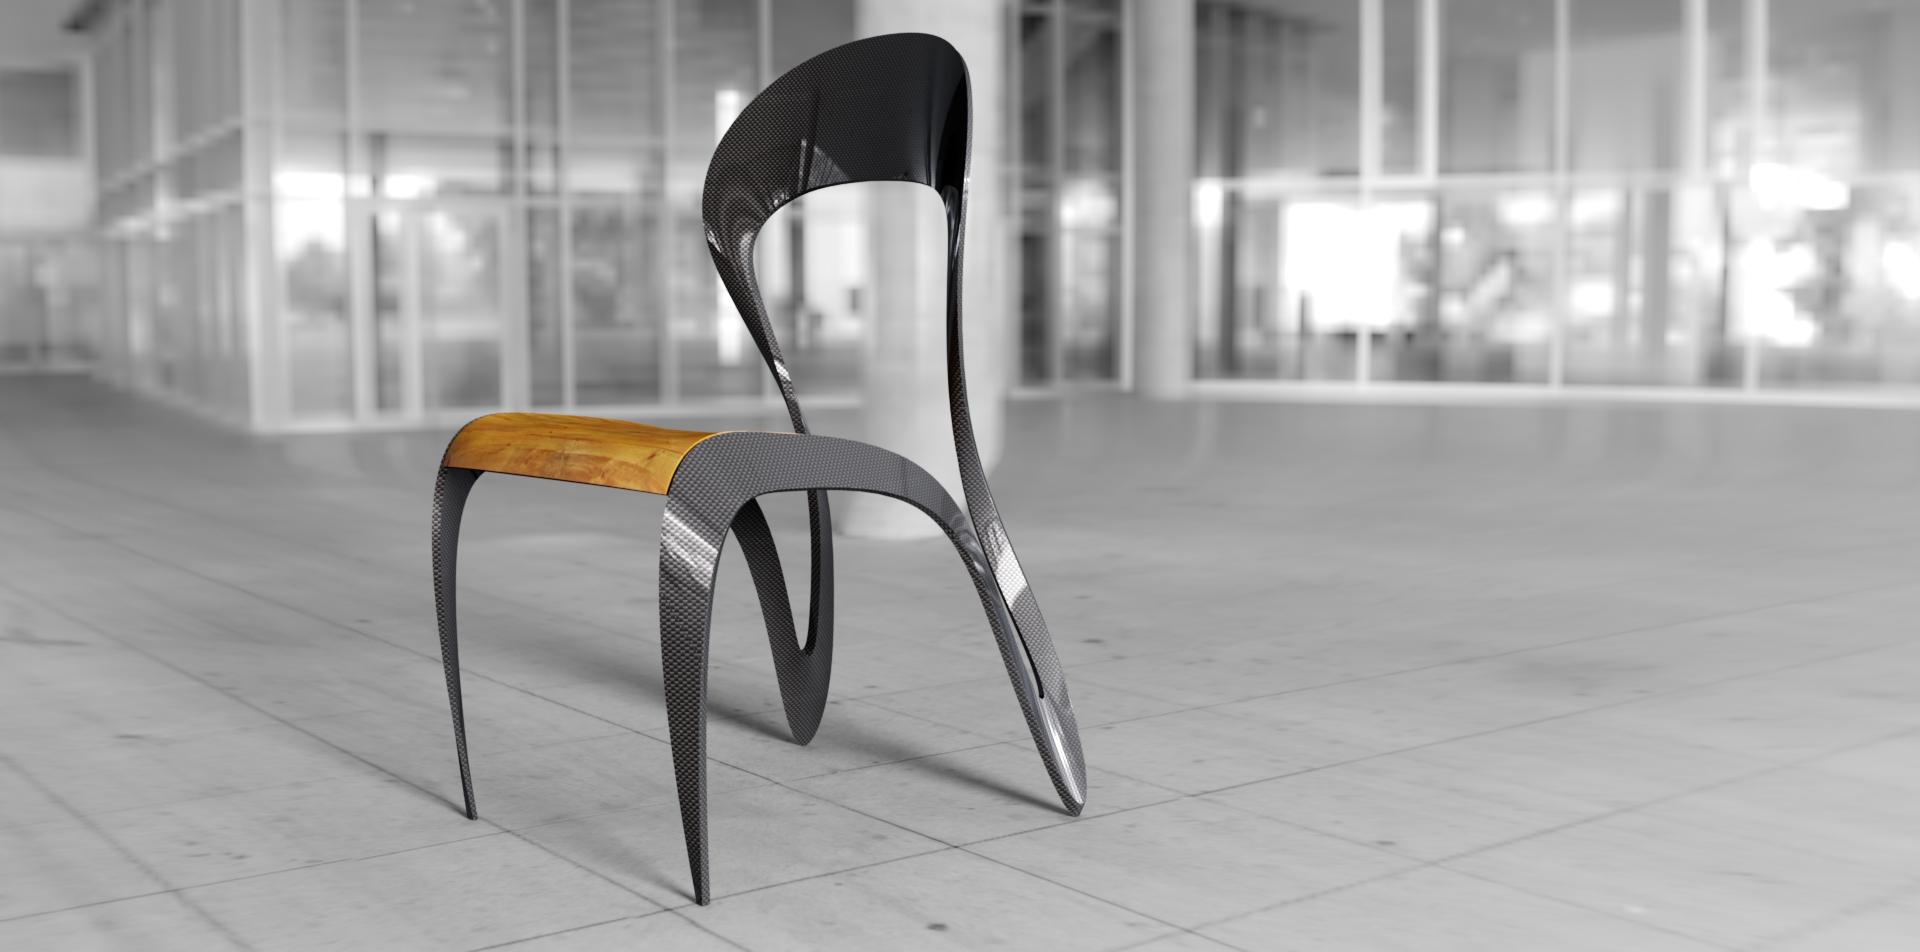 Chaise inspirée de calligraphie design soussi wissem wisign